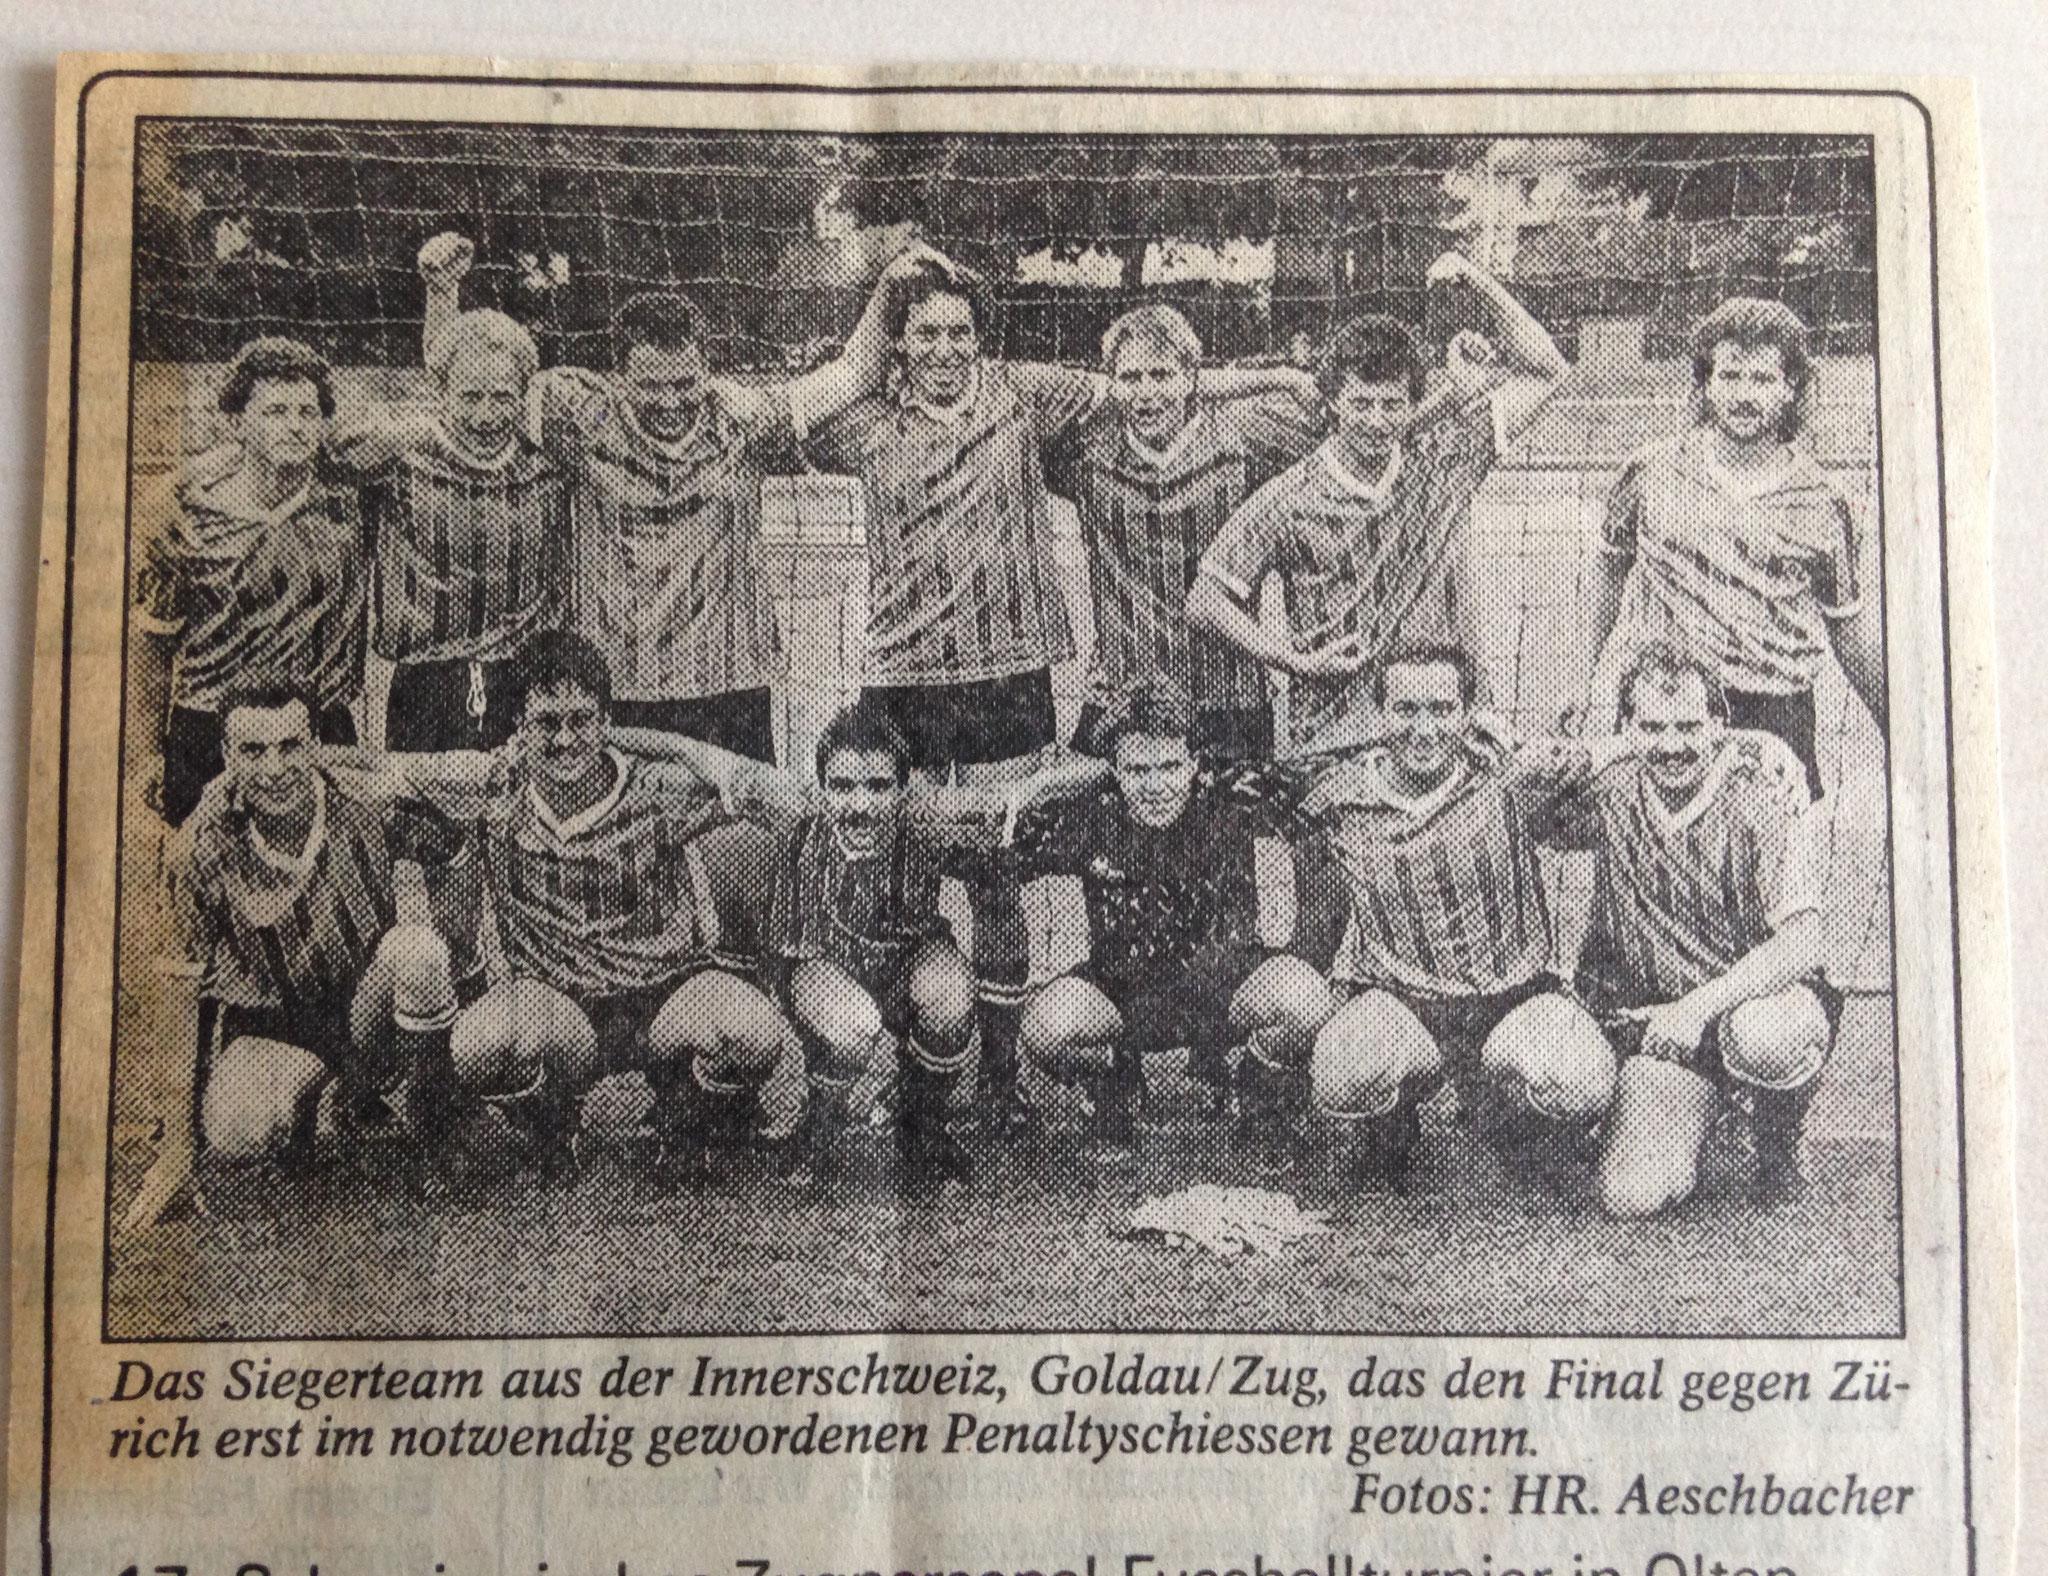 17. Schweizerisches Zugpersonalfussballturnier 1. Rang im Jahr 1990 in Olten